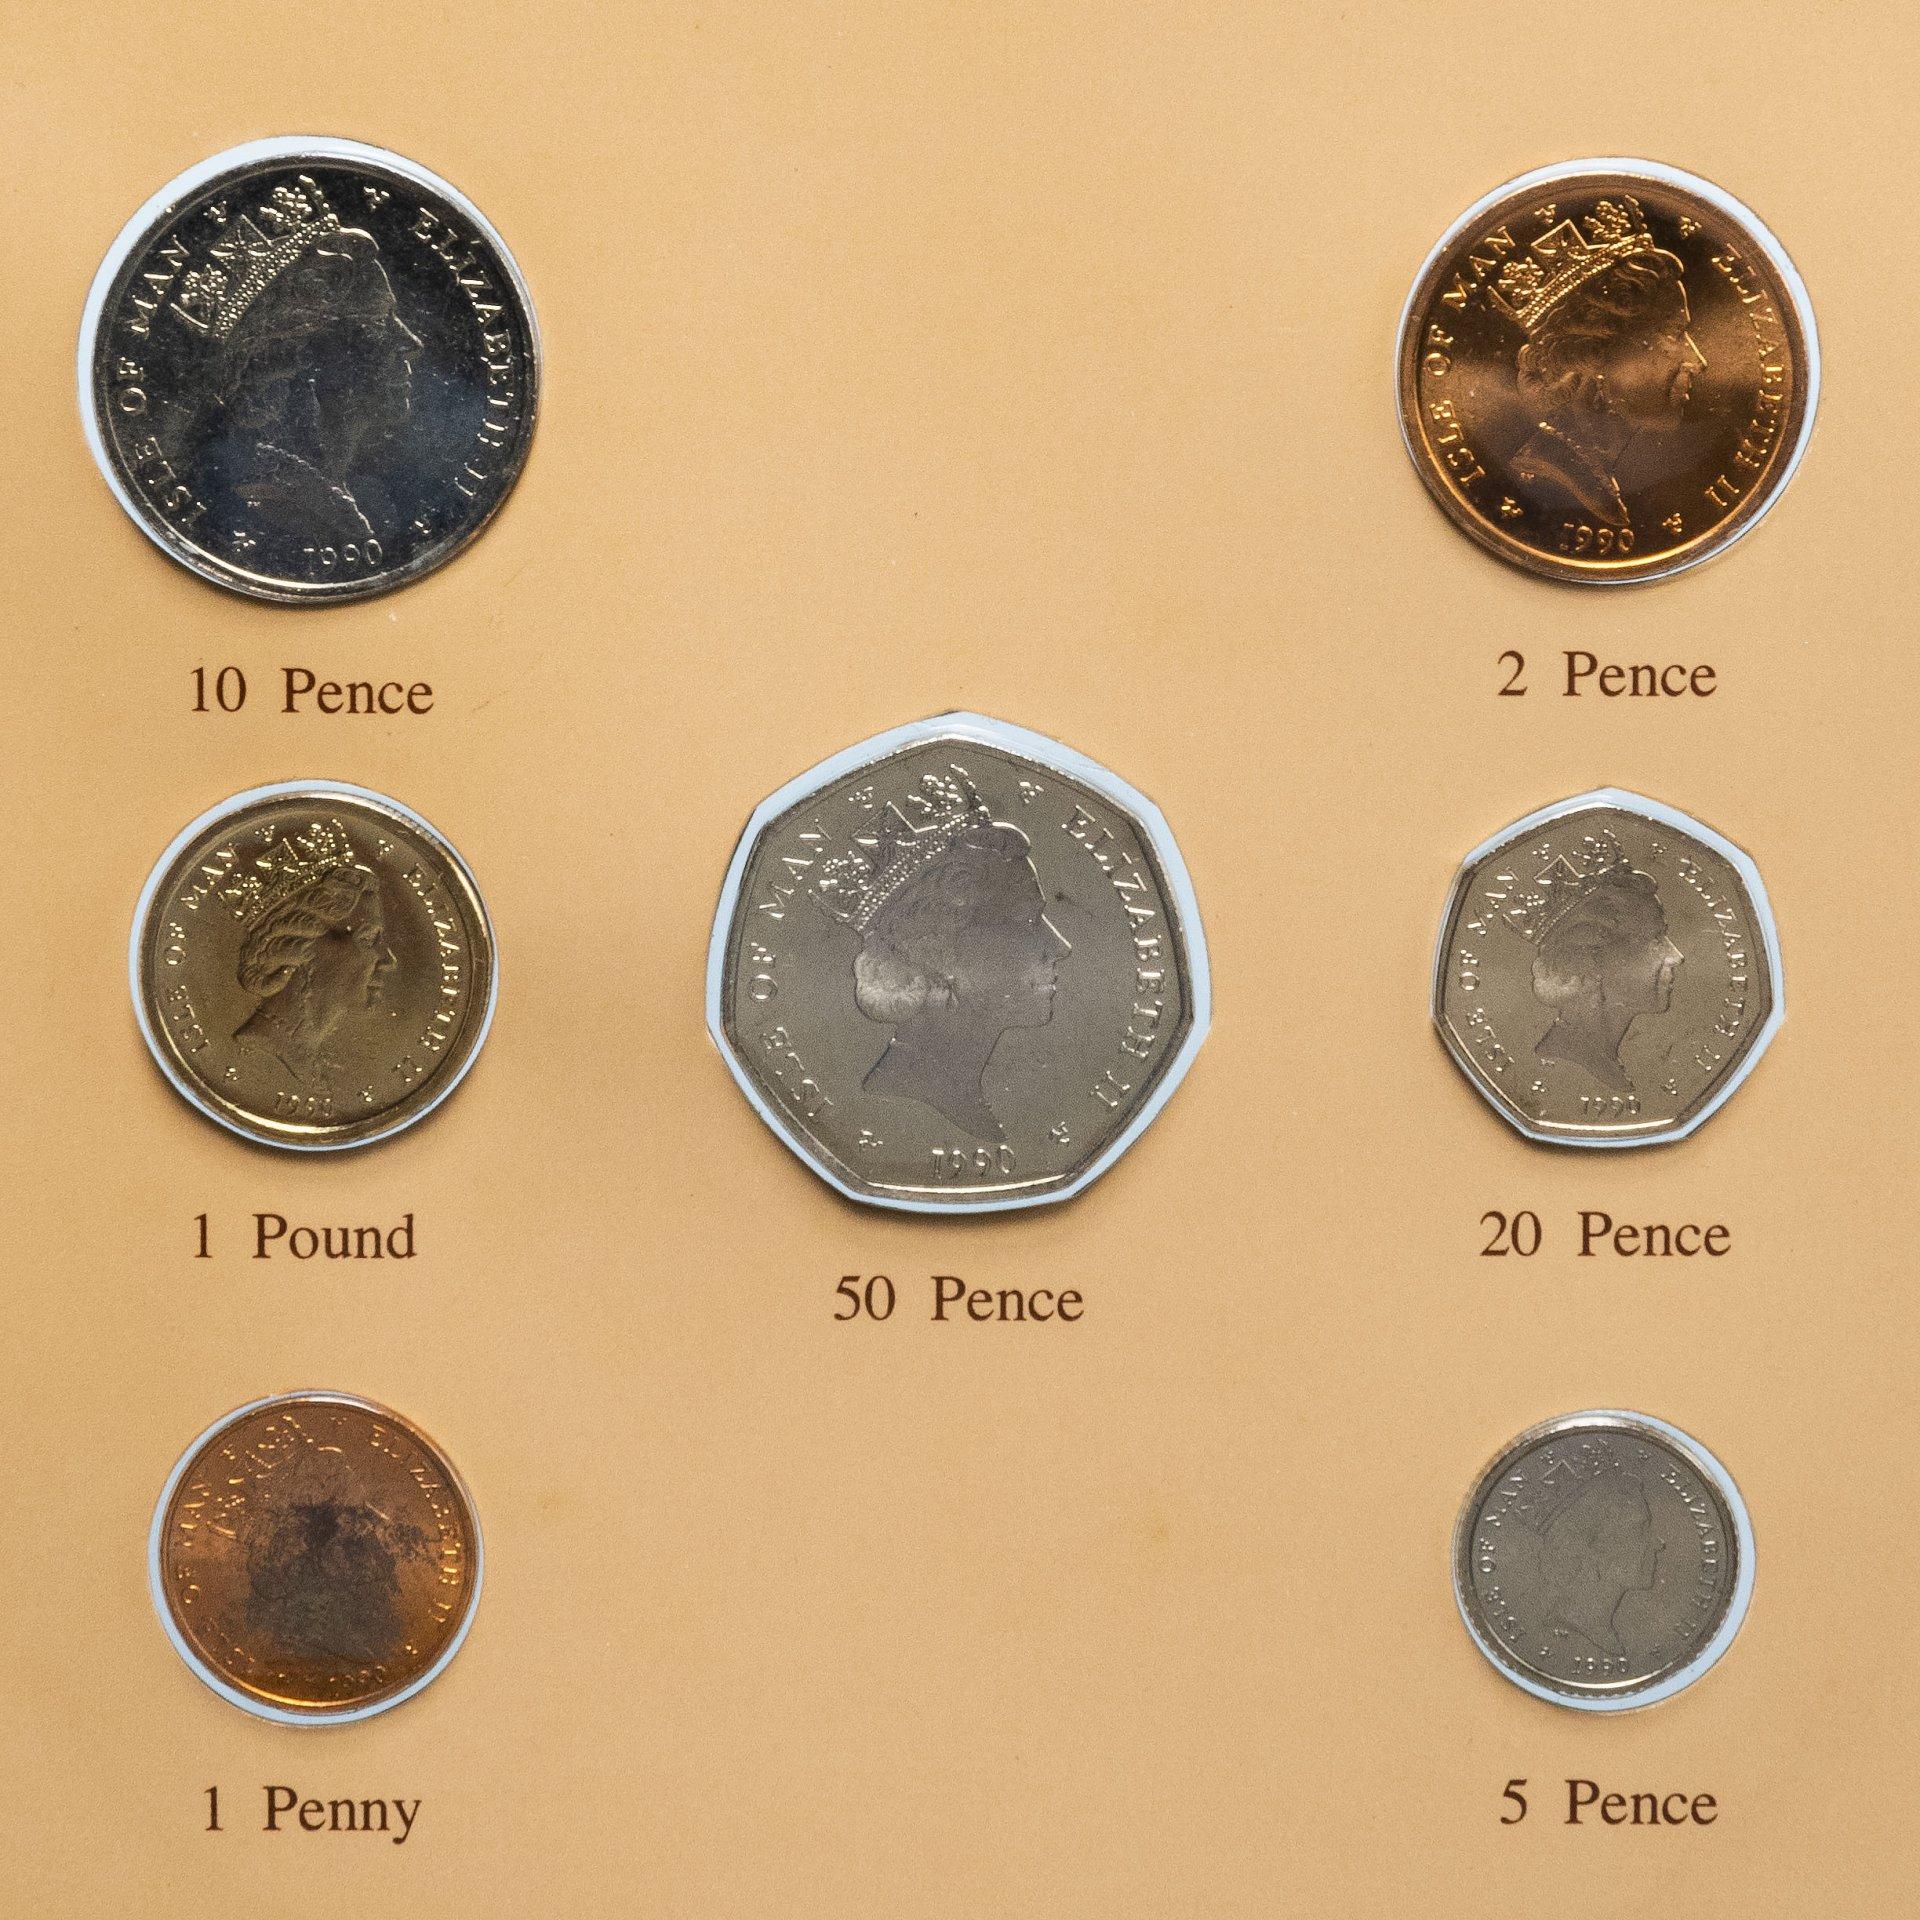 красноярска приносят монеты всех стран мира фото и название вбить одно